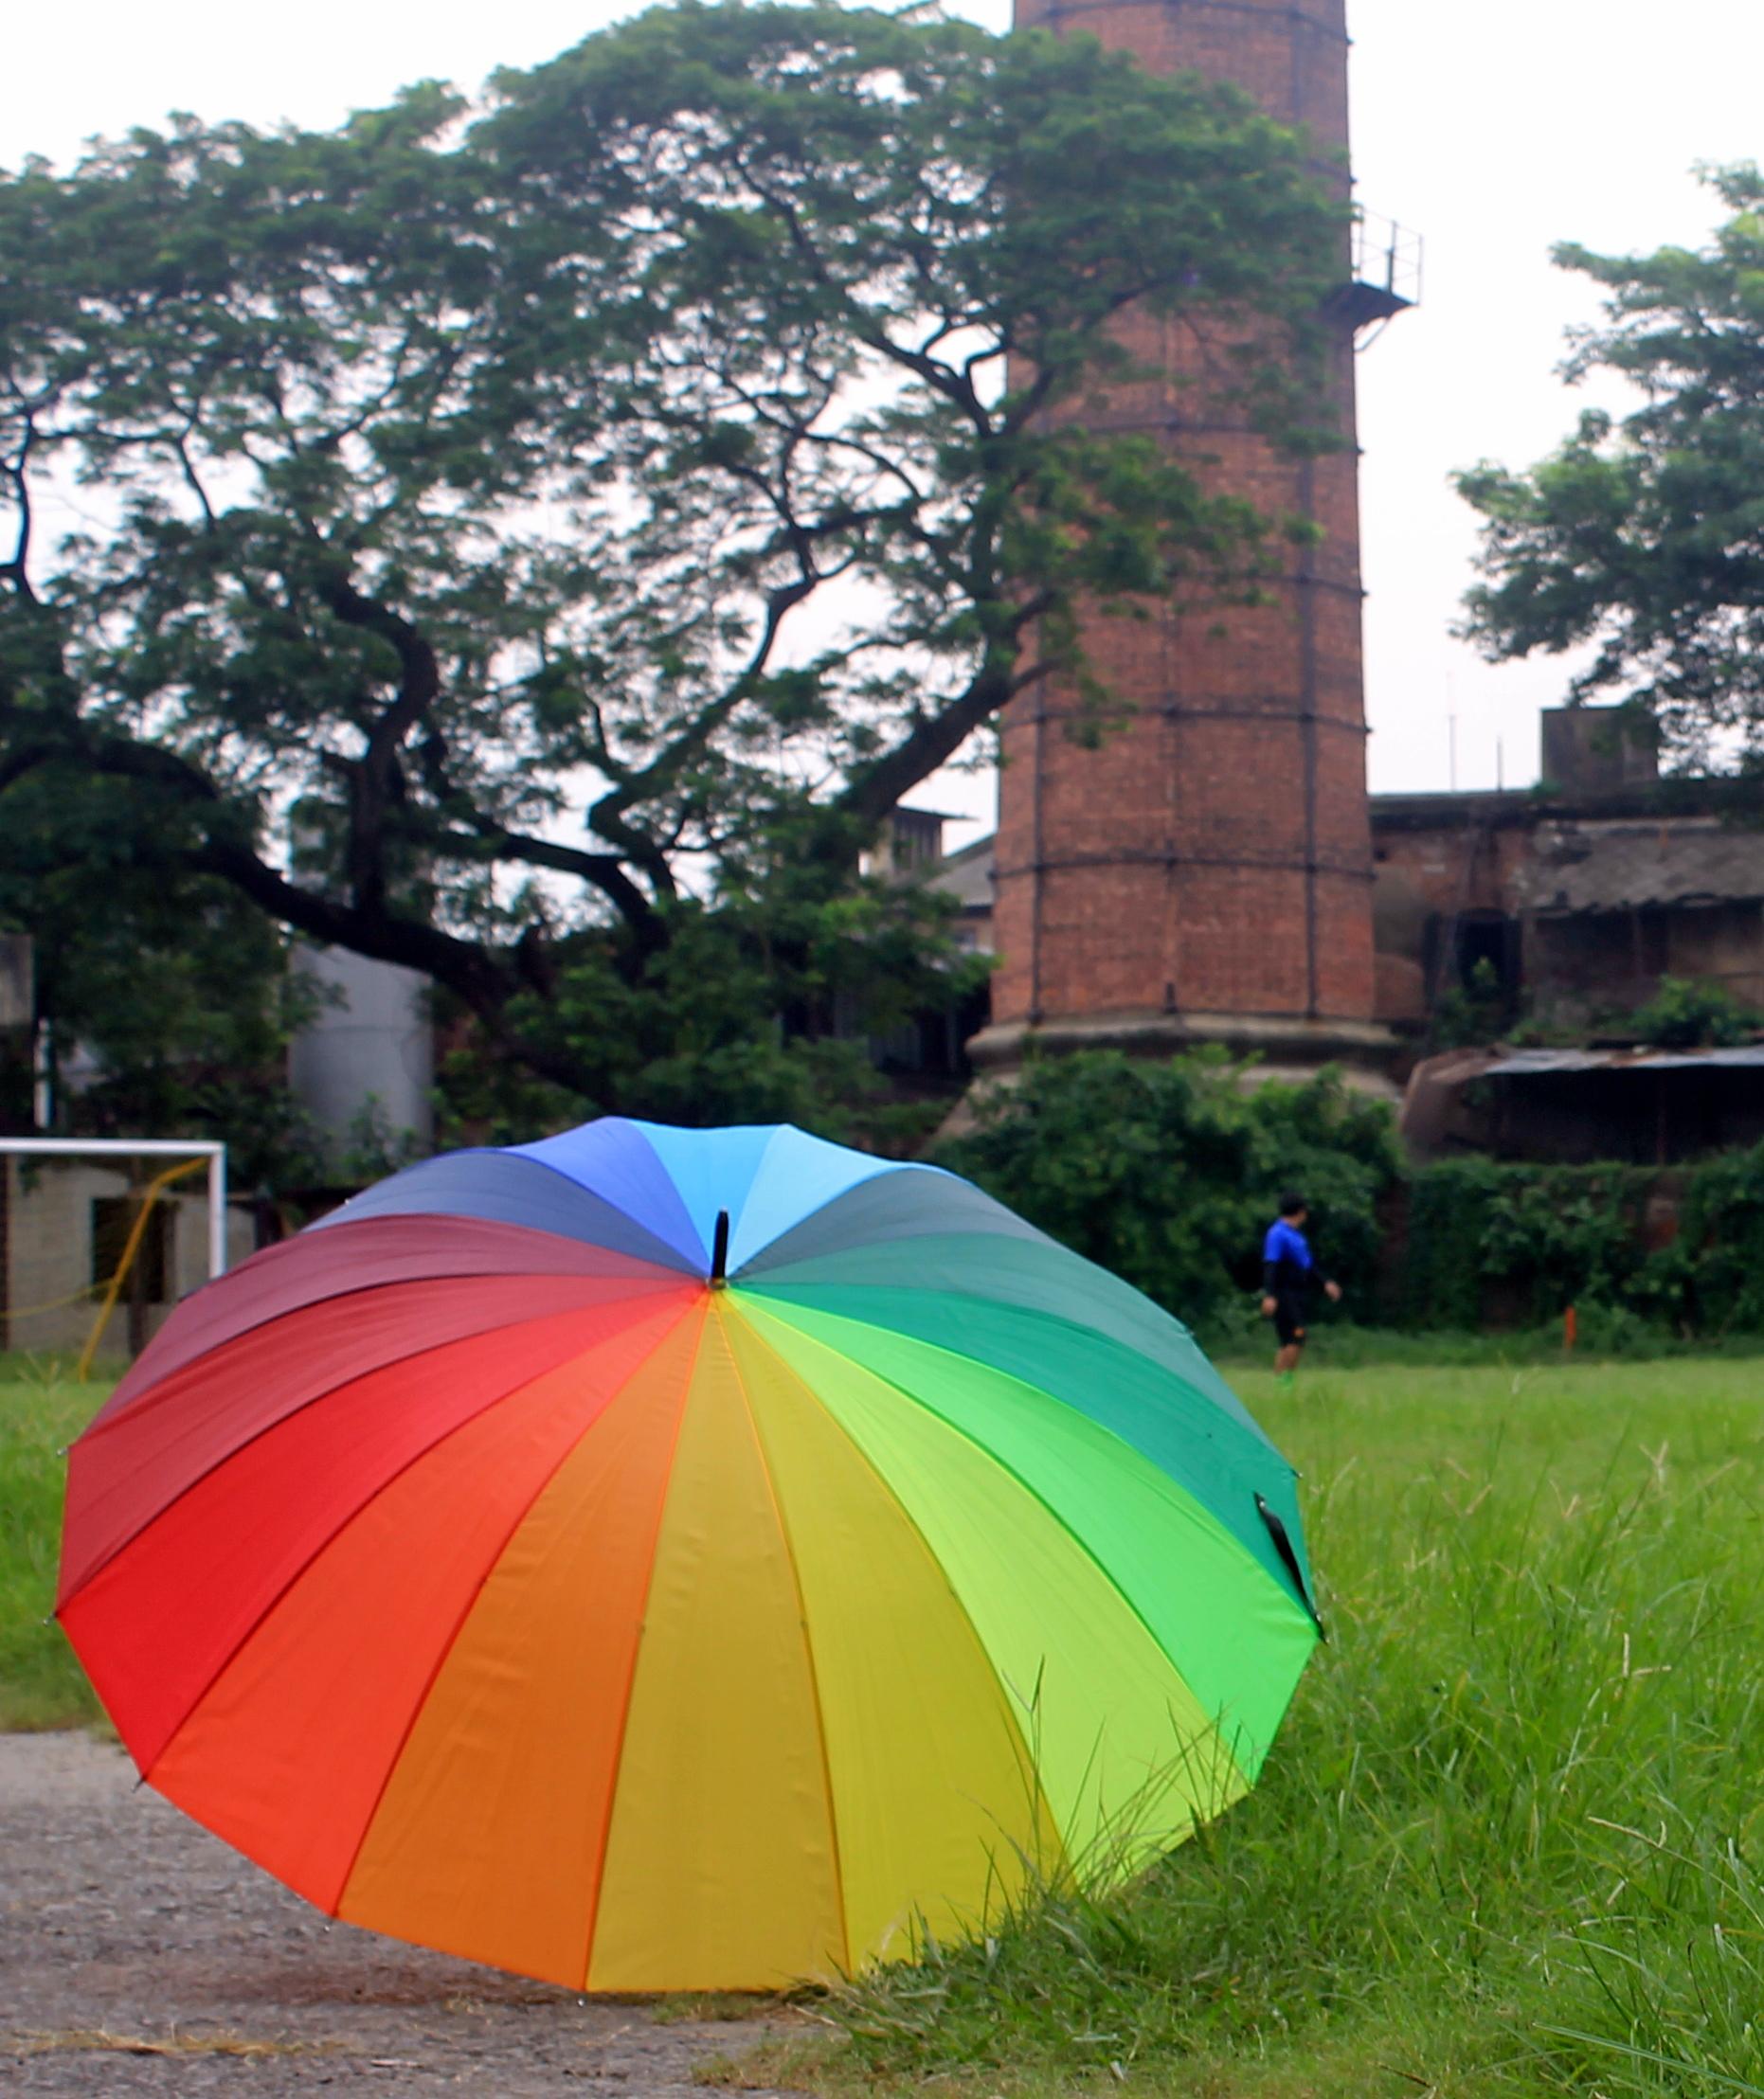 umbrella in a garden